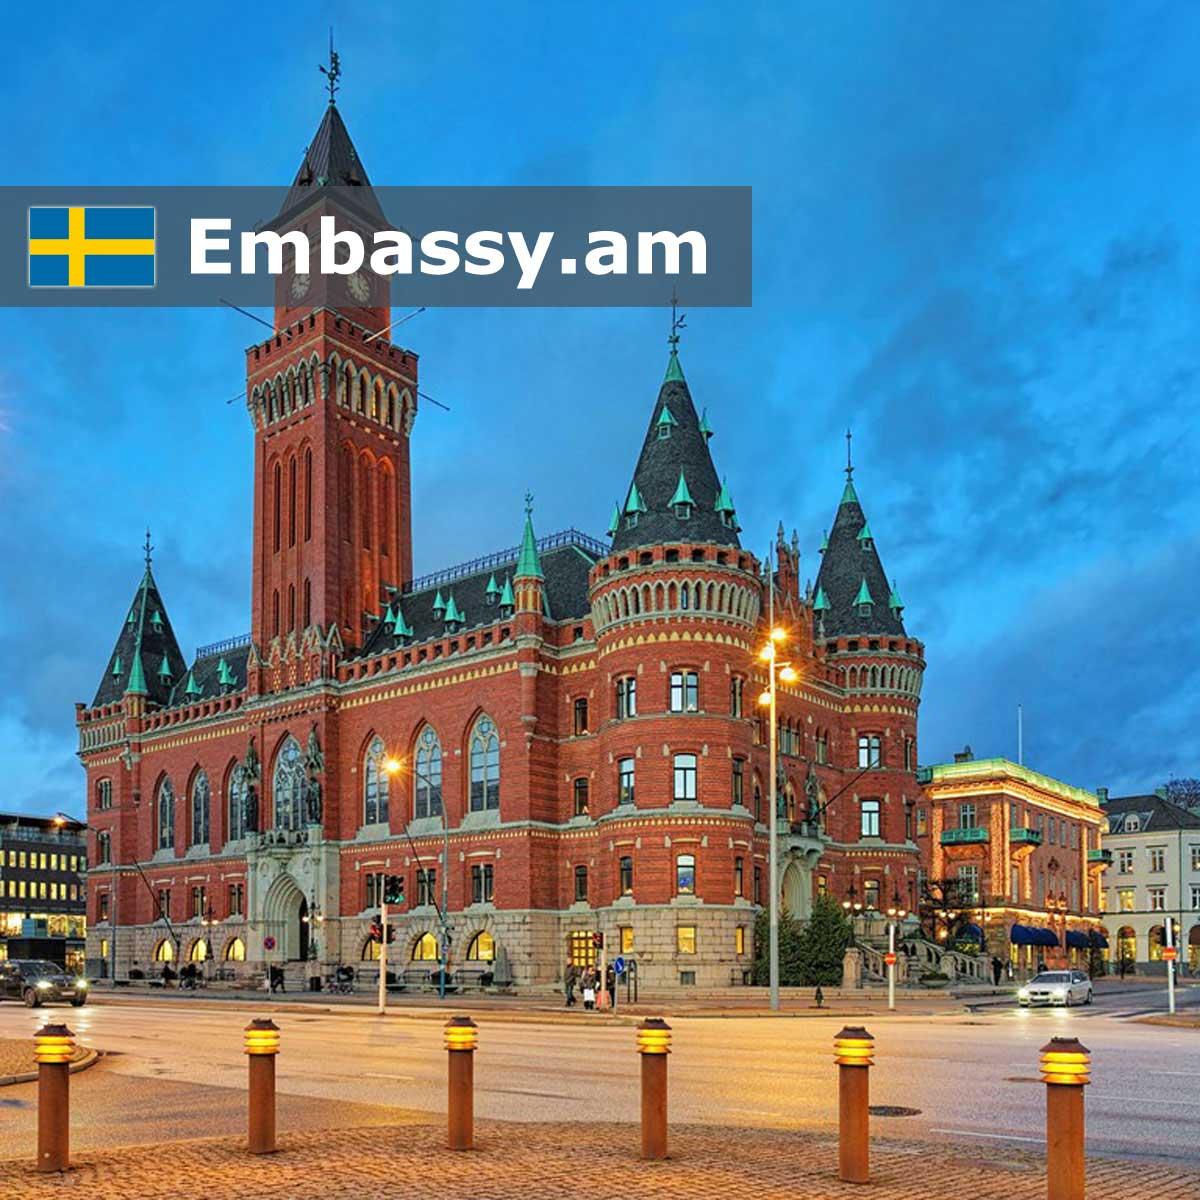 Хельсингборг - Отели в Швеции - Embassy.am